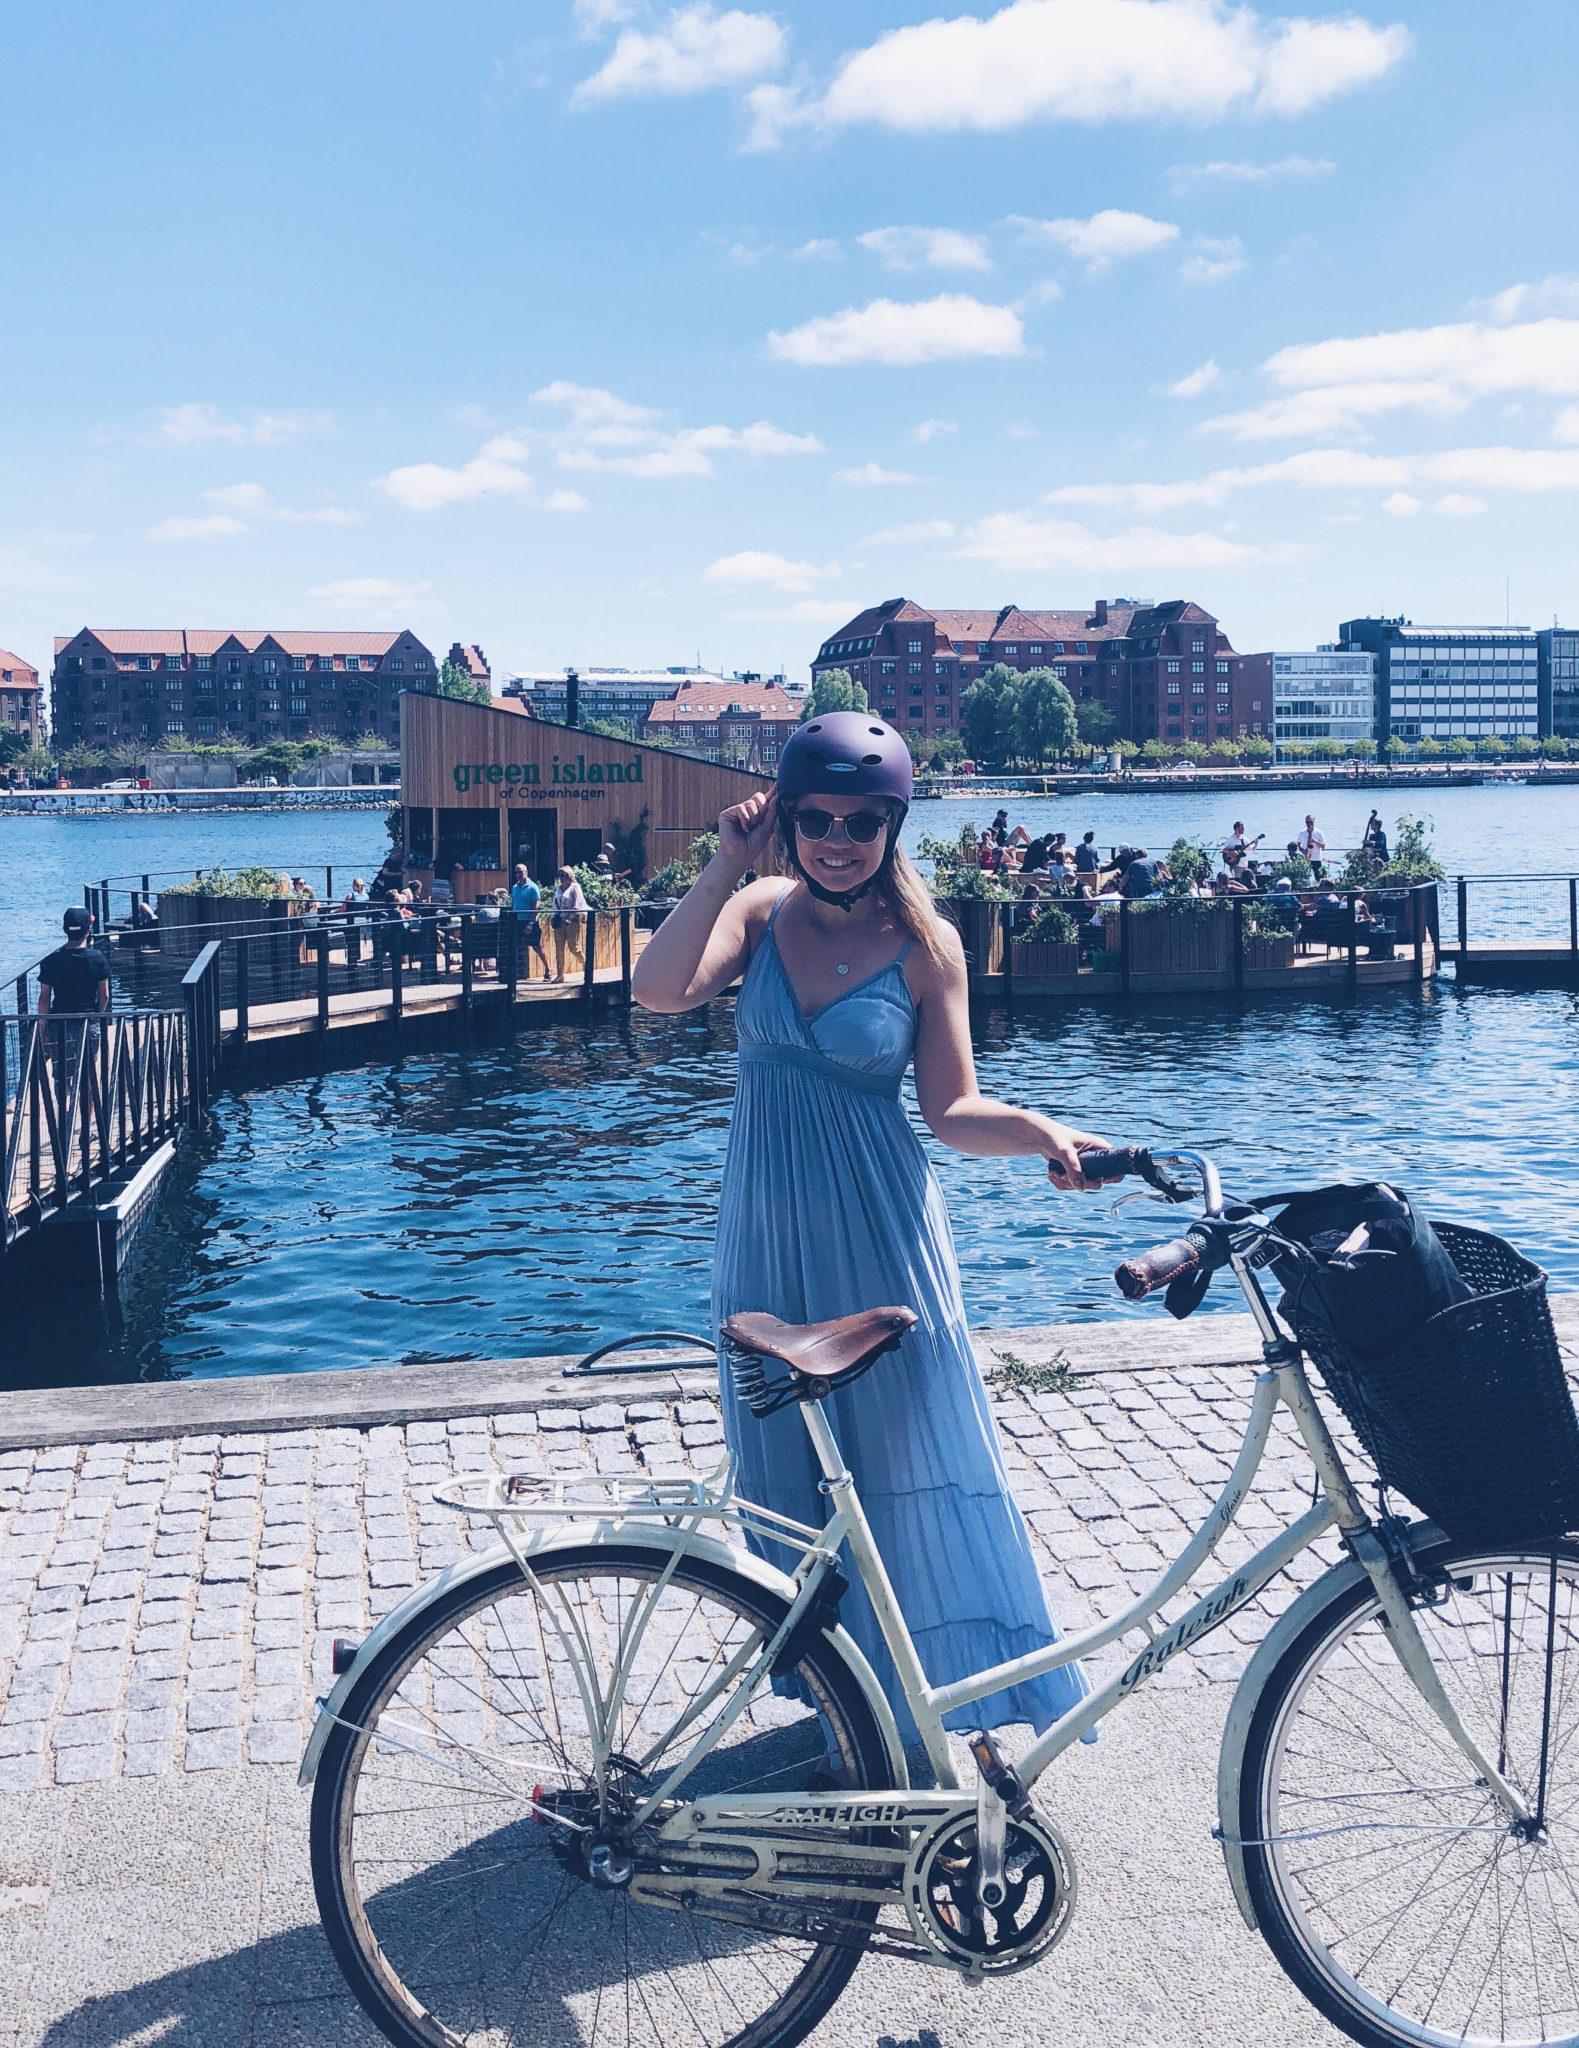 weekend i København sommerguide: green island of CPH ved Kalvebod Brygge